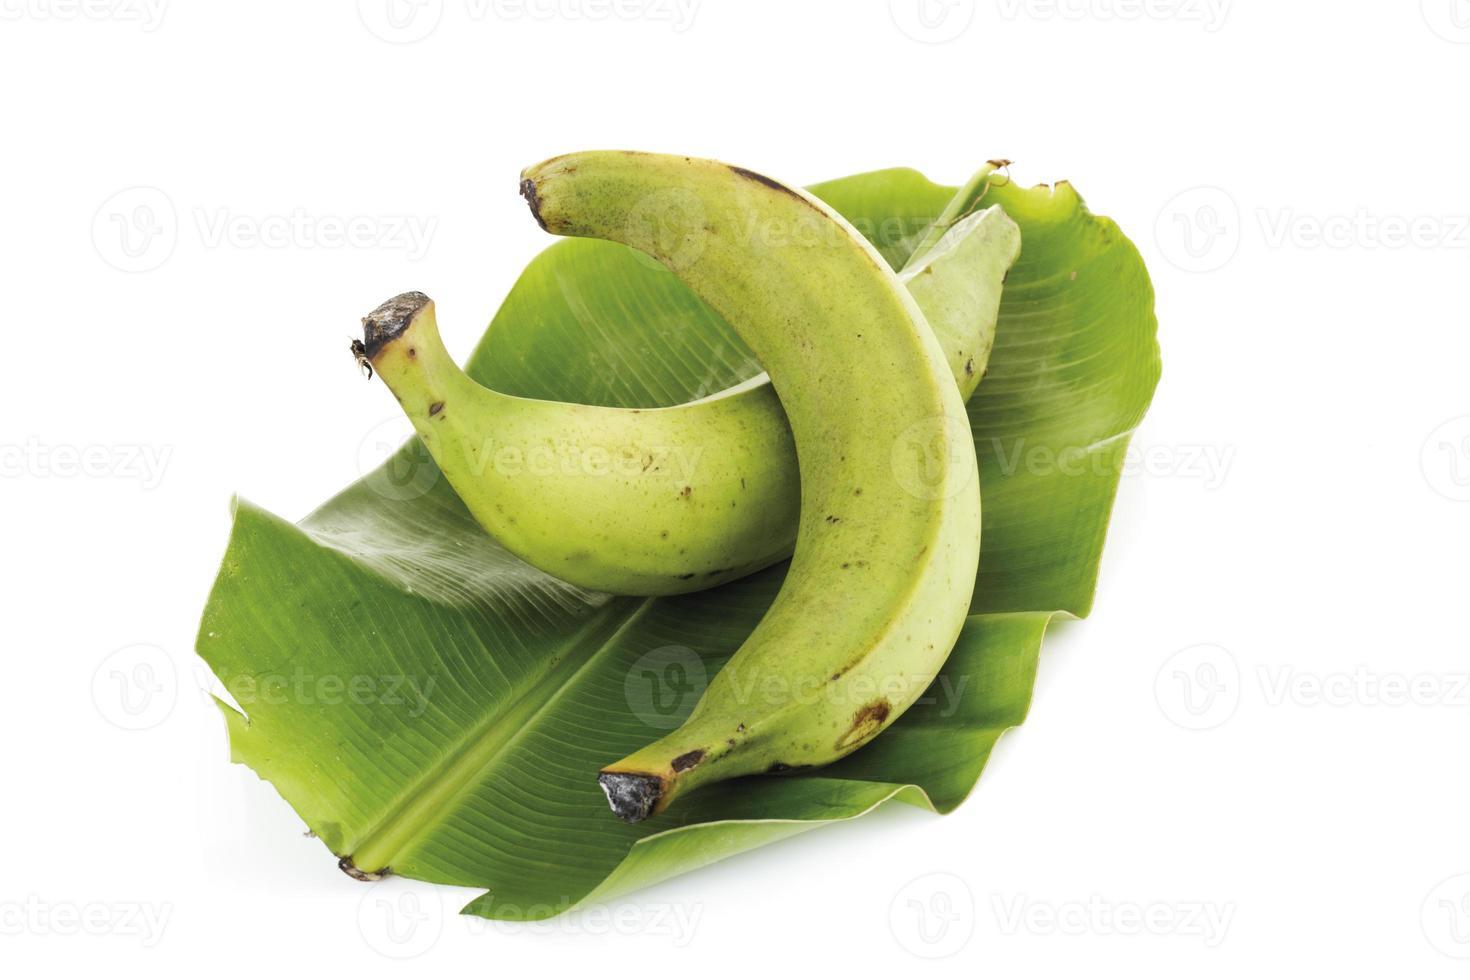 duas bananas, close-up foto